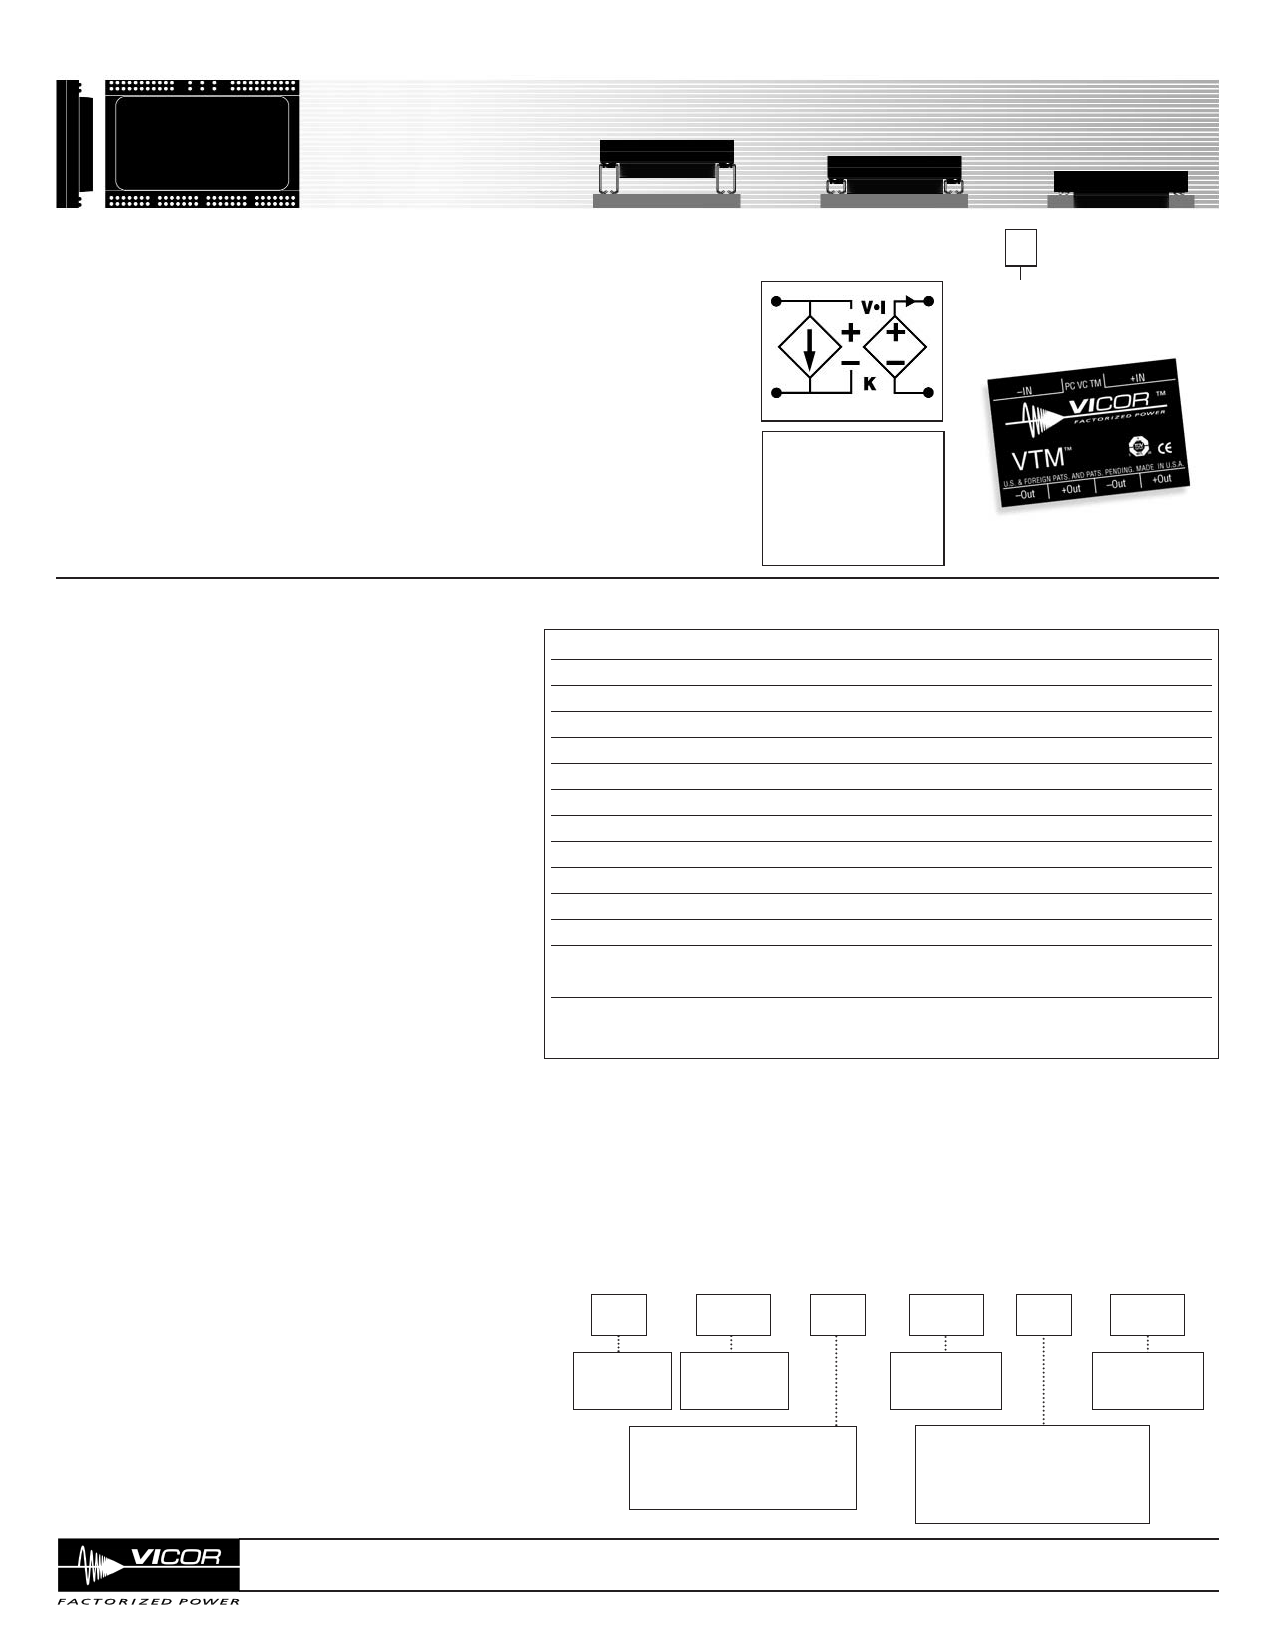 V048F120M025 Hoja de datos, Descripción, Manual